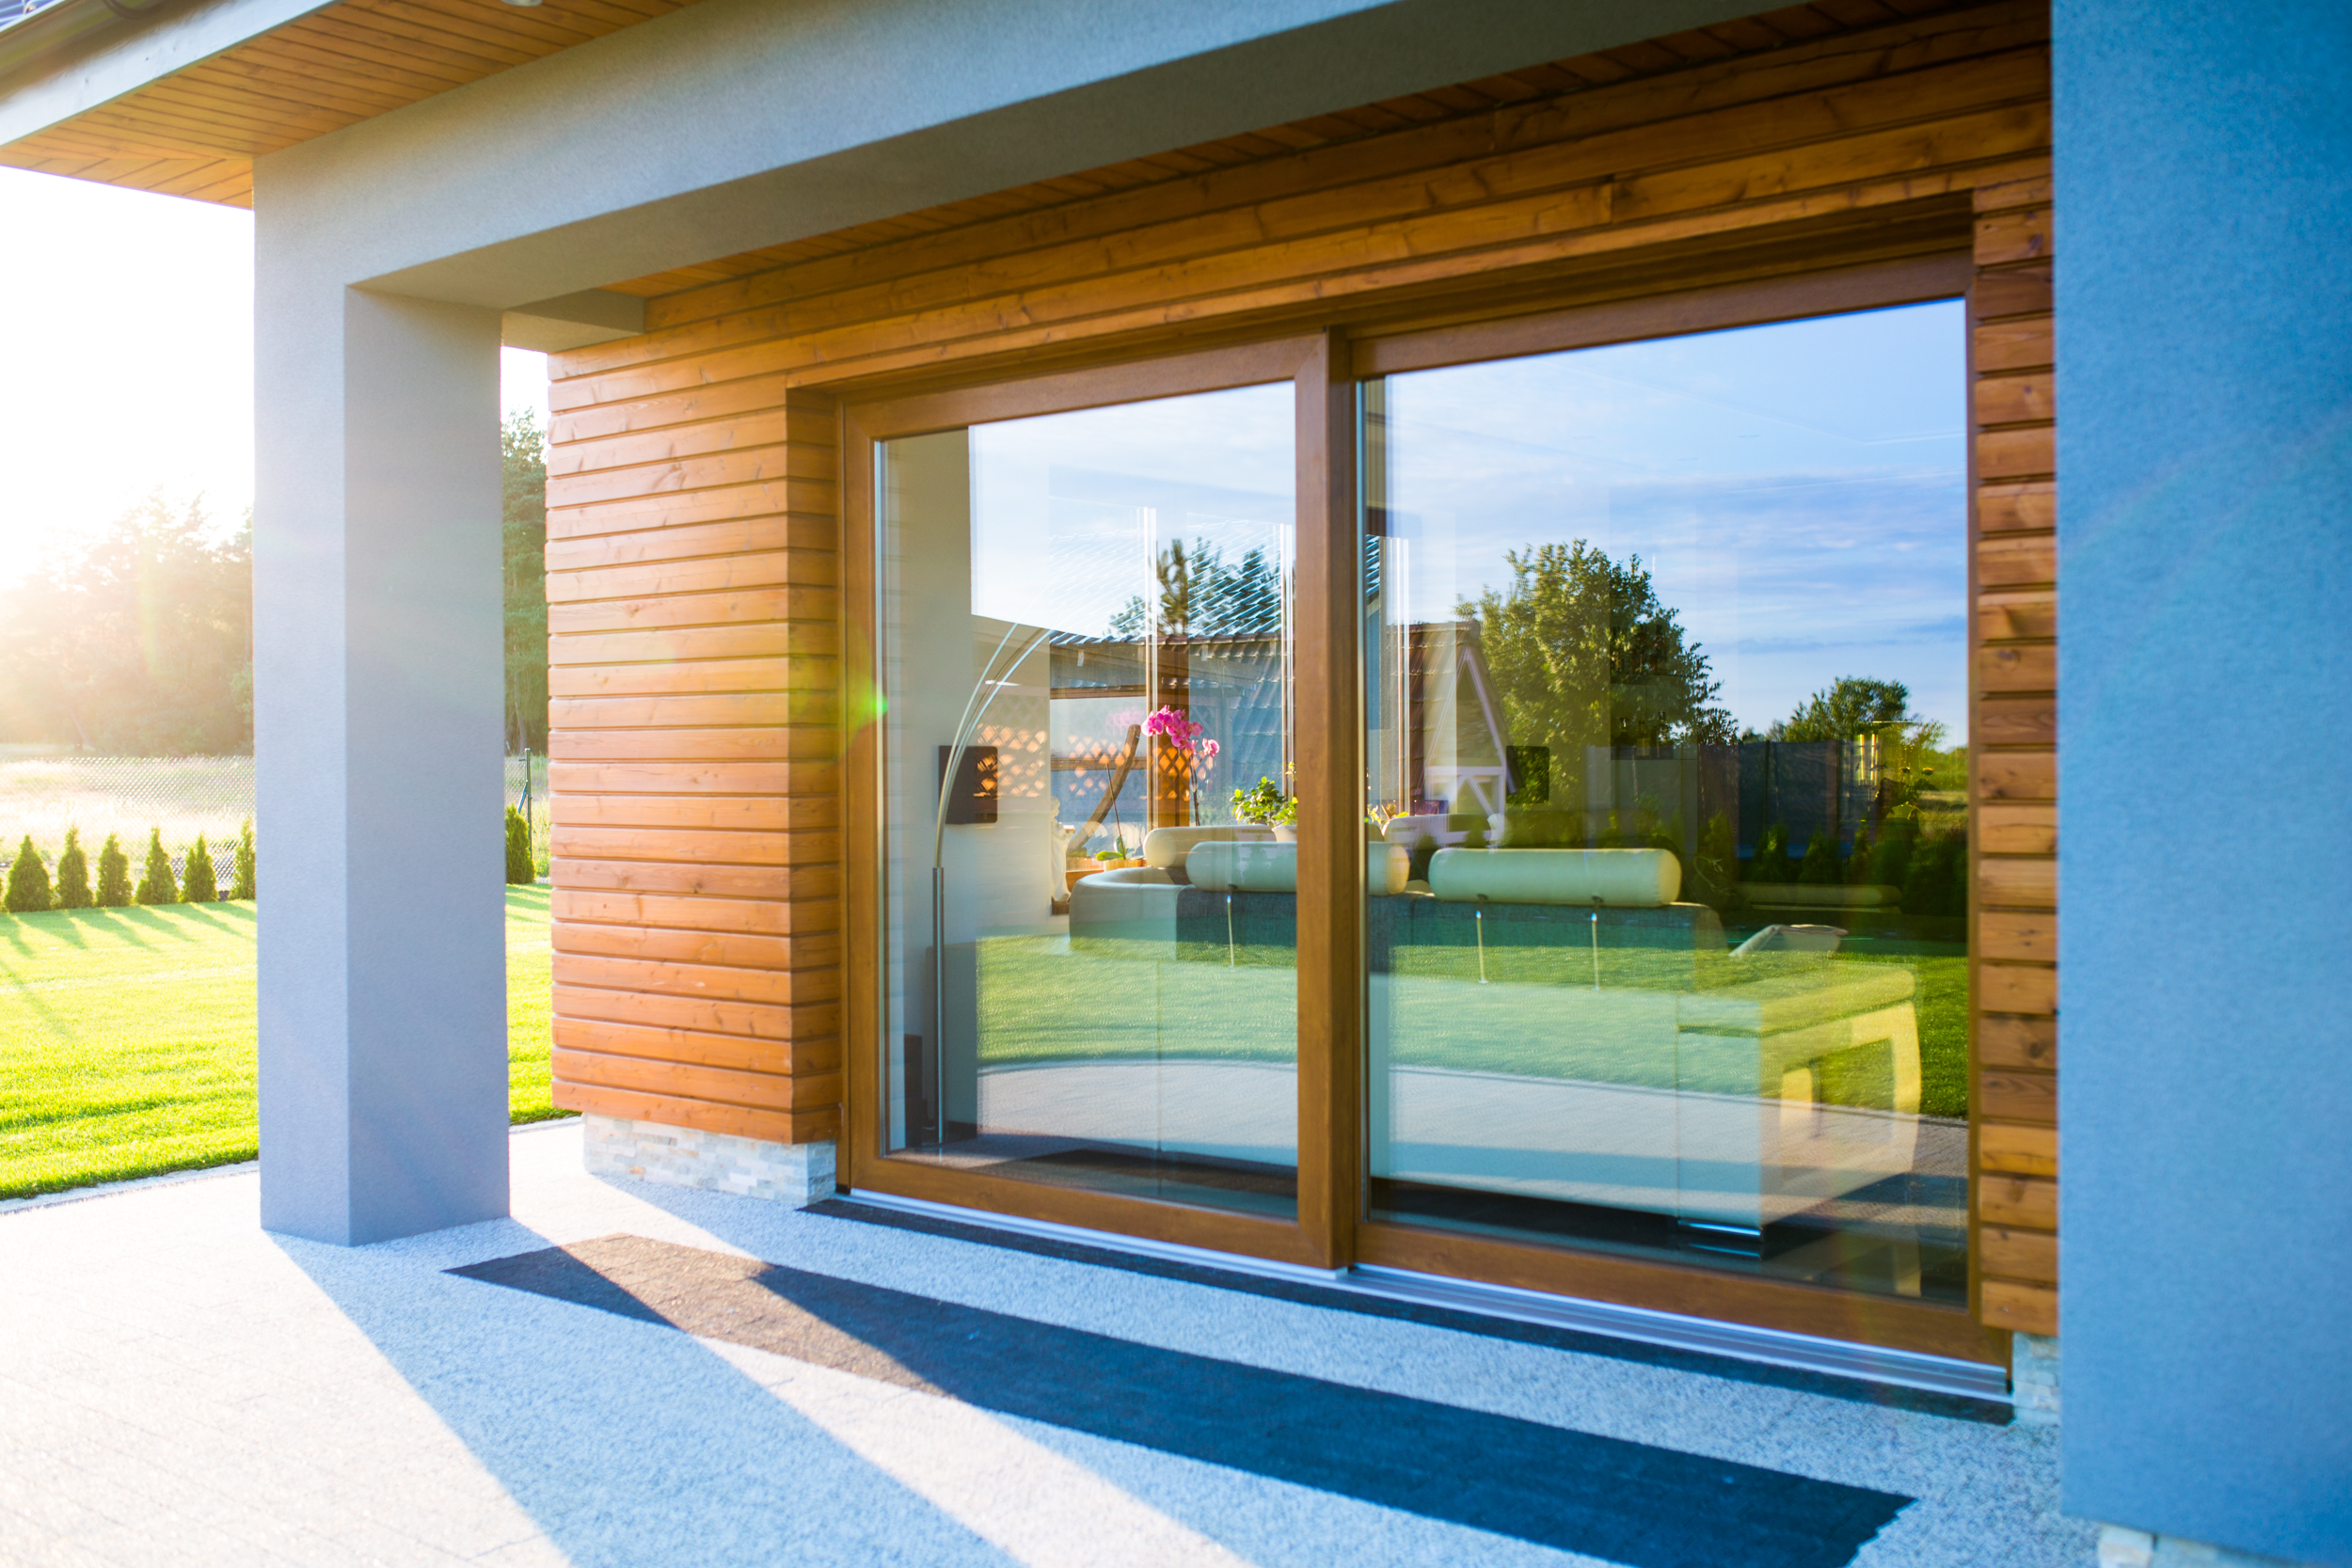 comment bien entretenir ses portes et fen tres pvc toute l 39 ann e. Black Bedroom Furniture Sets. Home Design Ideas